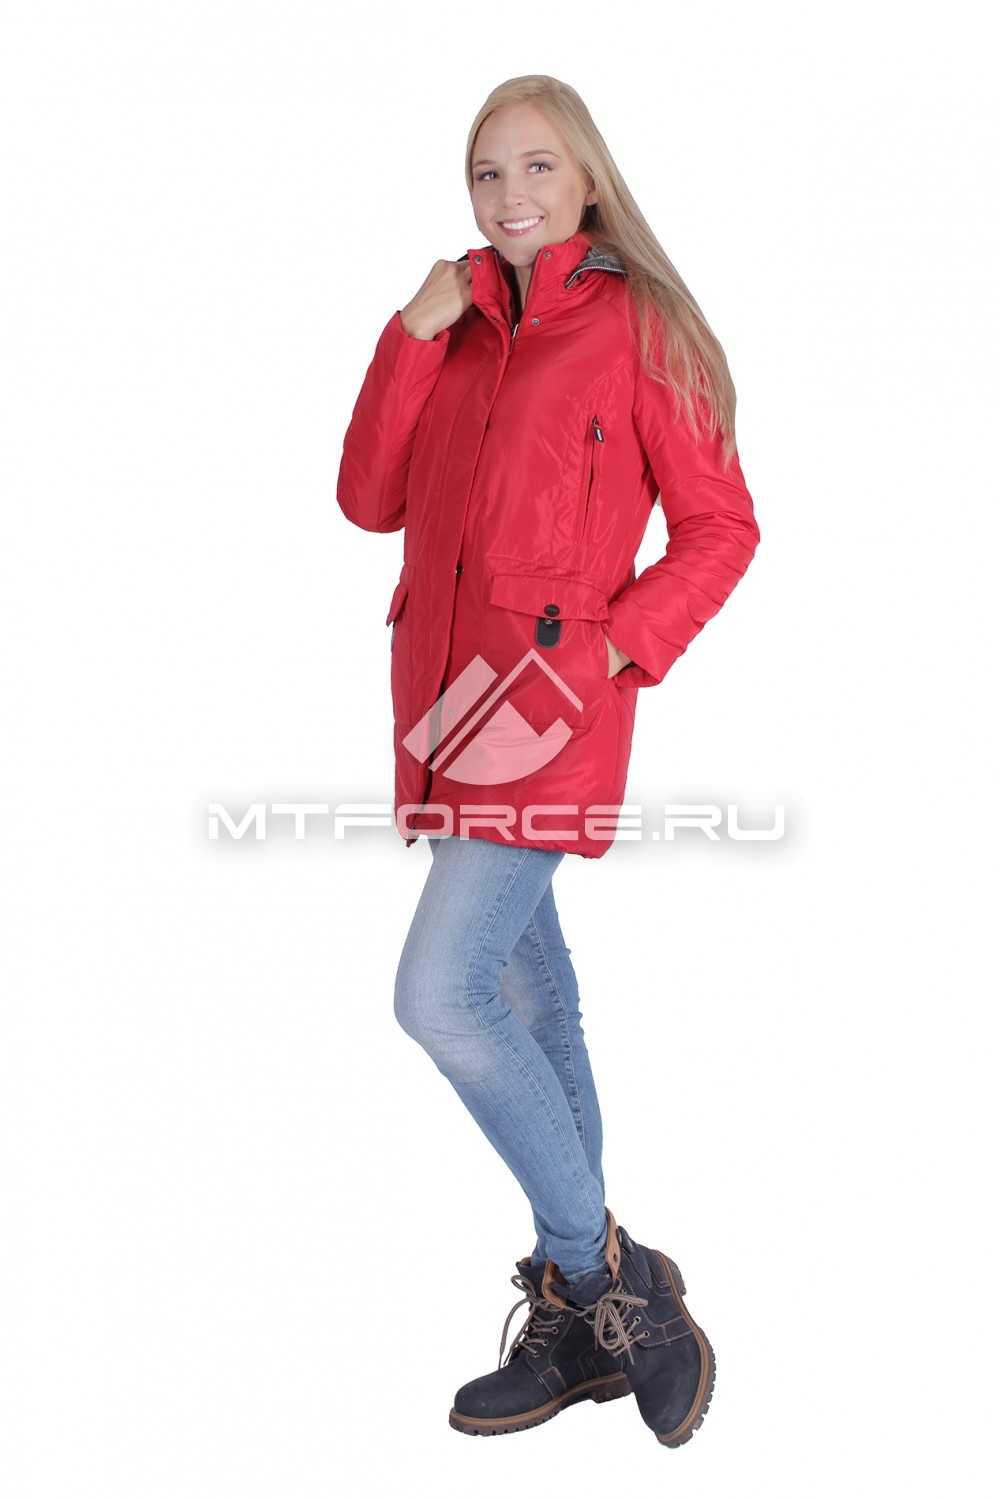 Купить                                  оптом Итальянская куртка женская красного цвета 1688Kr в Новосибирске